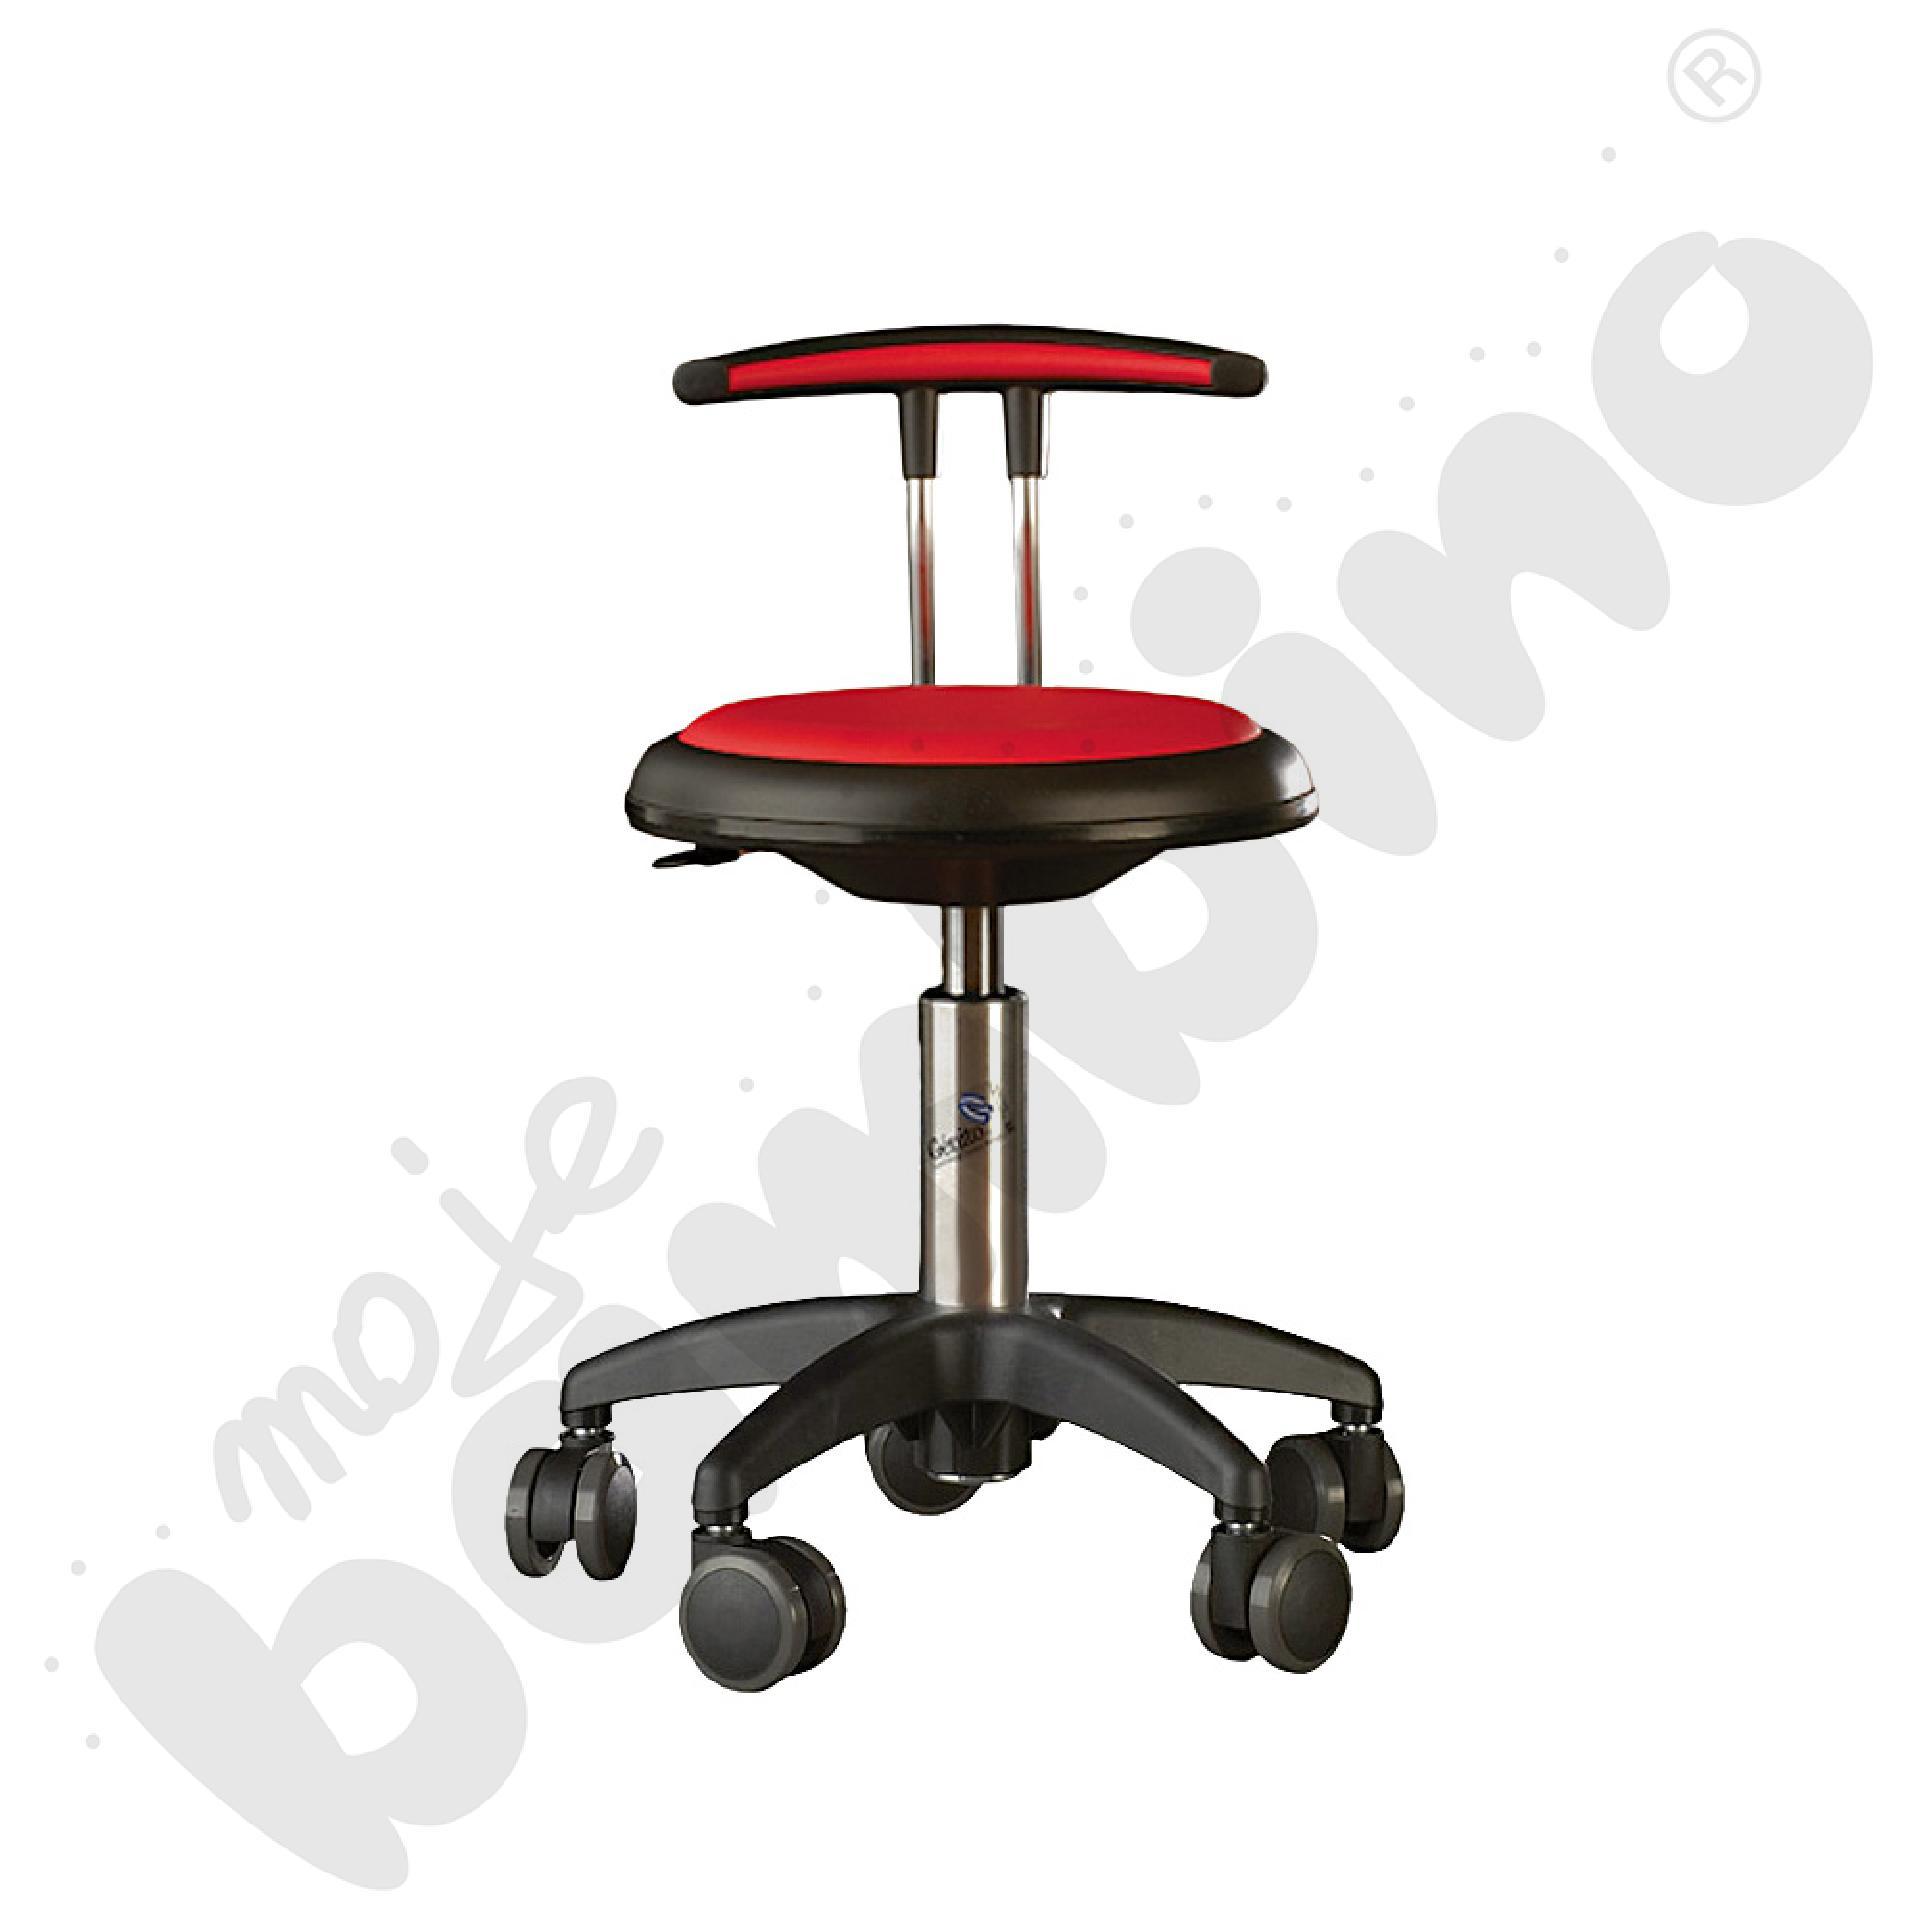 Krzesło Genito z oparciem, wys. 38-48 cm - czerwone